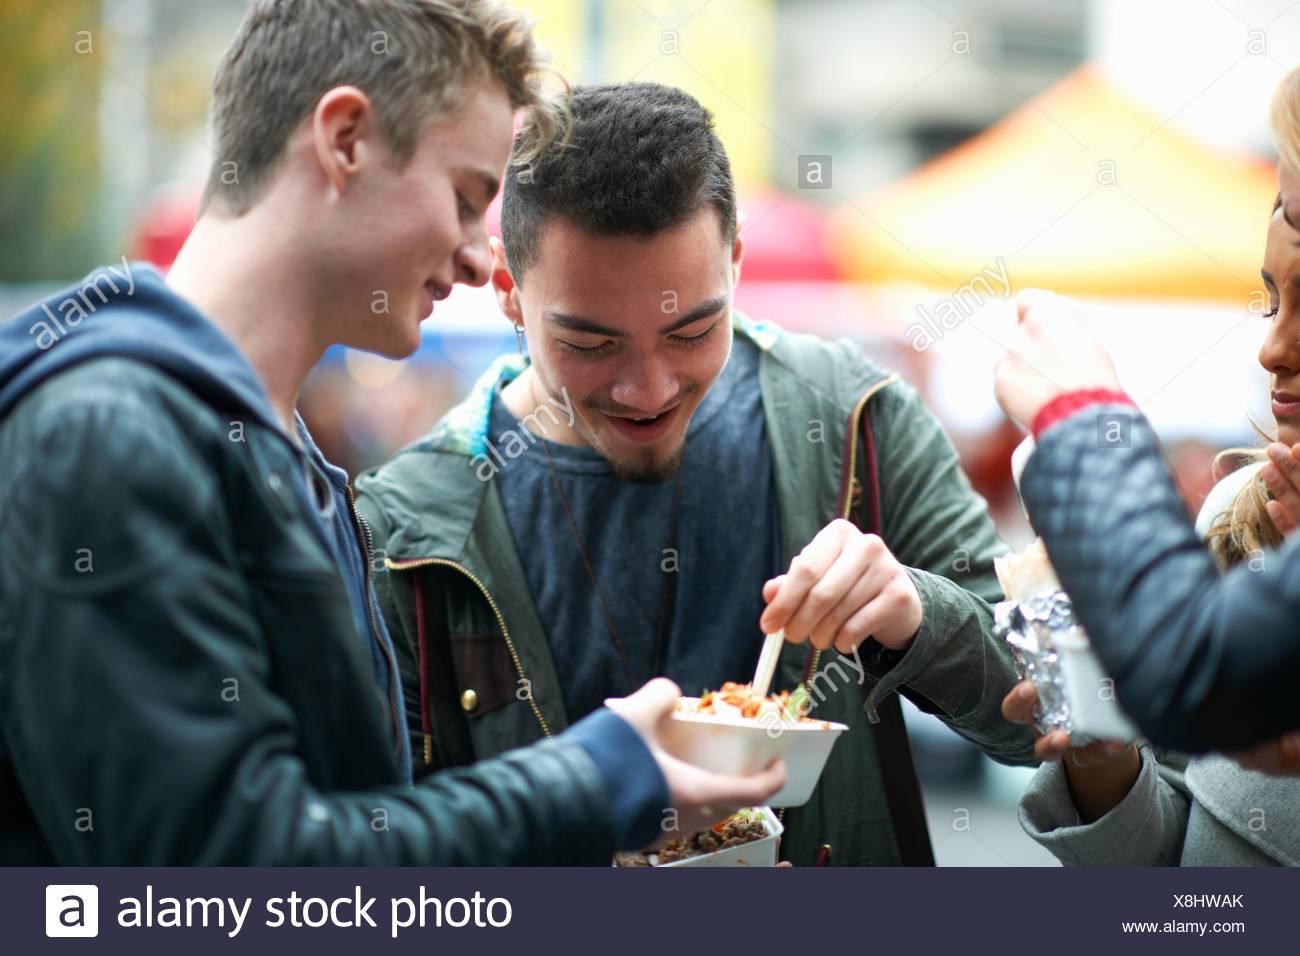 Un gruppo di giovani adulti di mangiare cibo da asporto, all'aperto Immagini Stock